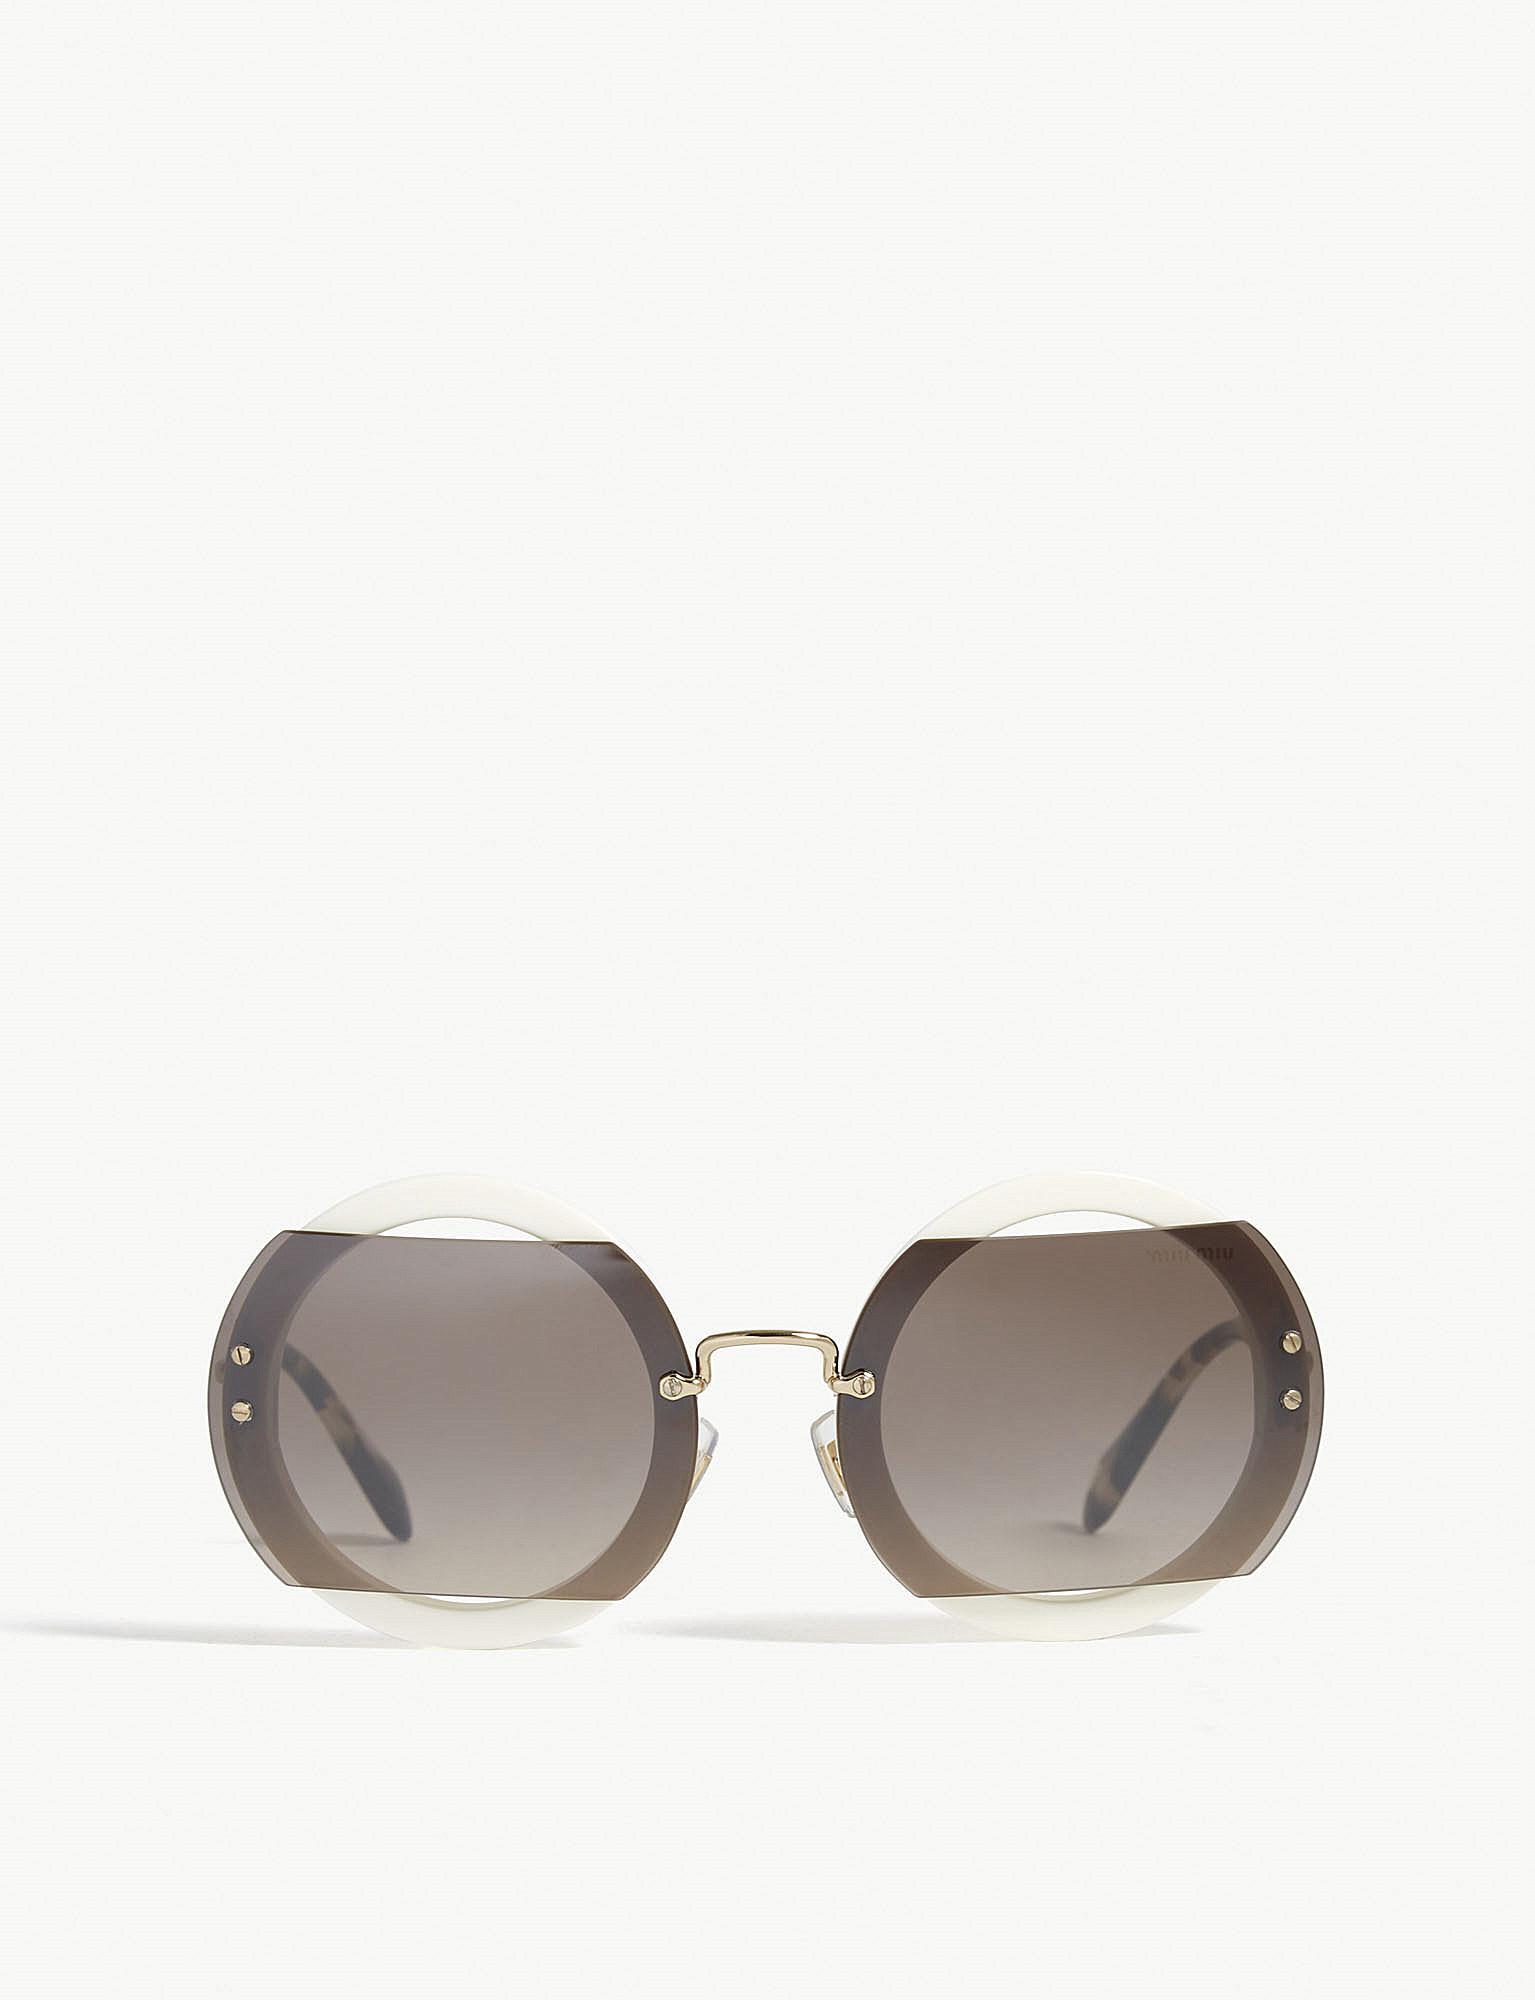 4bdebcbba31 Lyst - Miu Miu Mu06s Reveal Round-frame Sunglasses in Gray